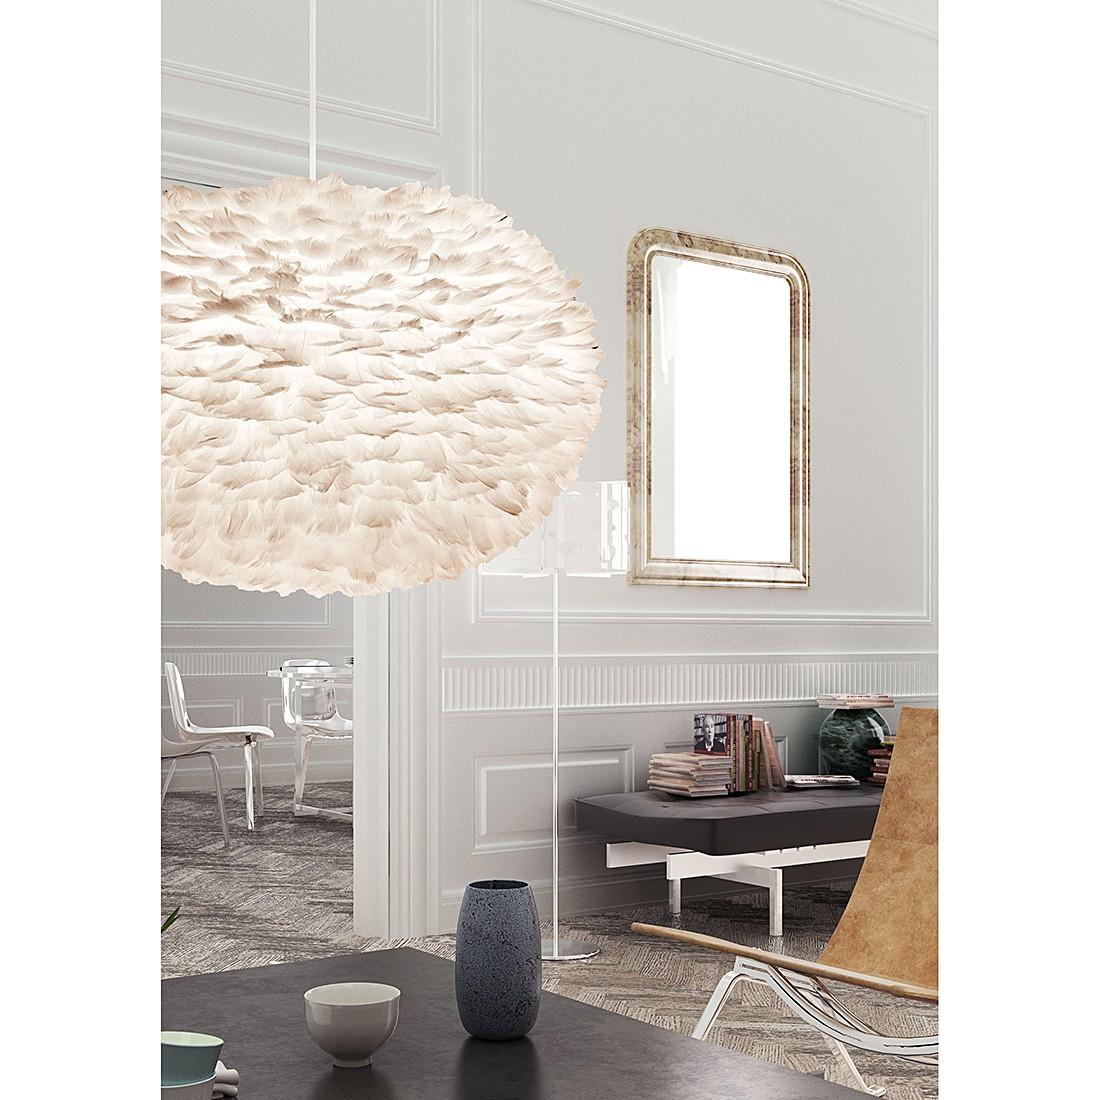 lampe mit federn cheap deko ideen aus federn lampe von greenwallnl with lampe mit federn. Black Bedroom Furniture Sets. Home Design Ideas